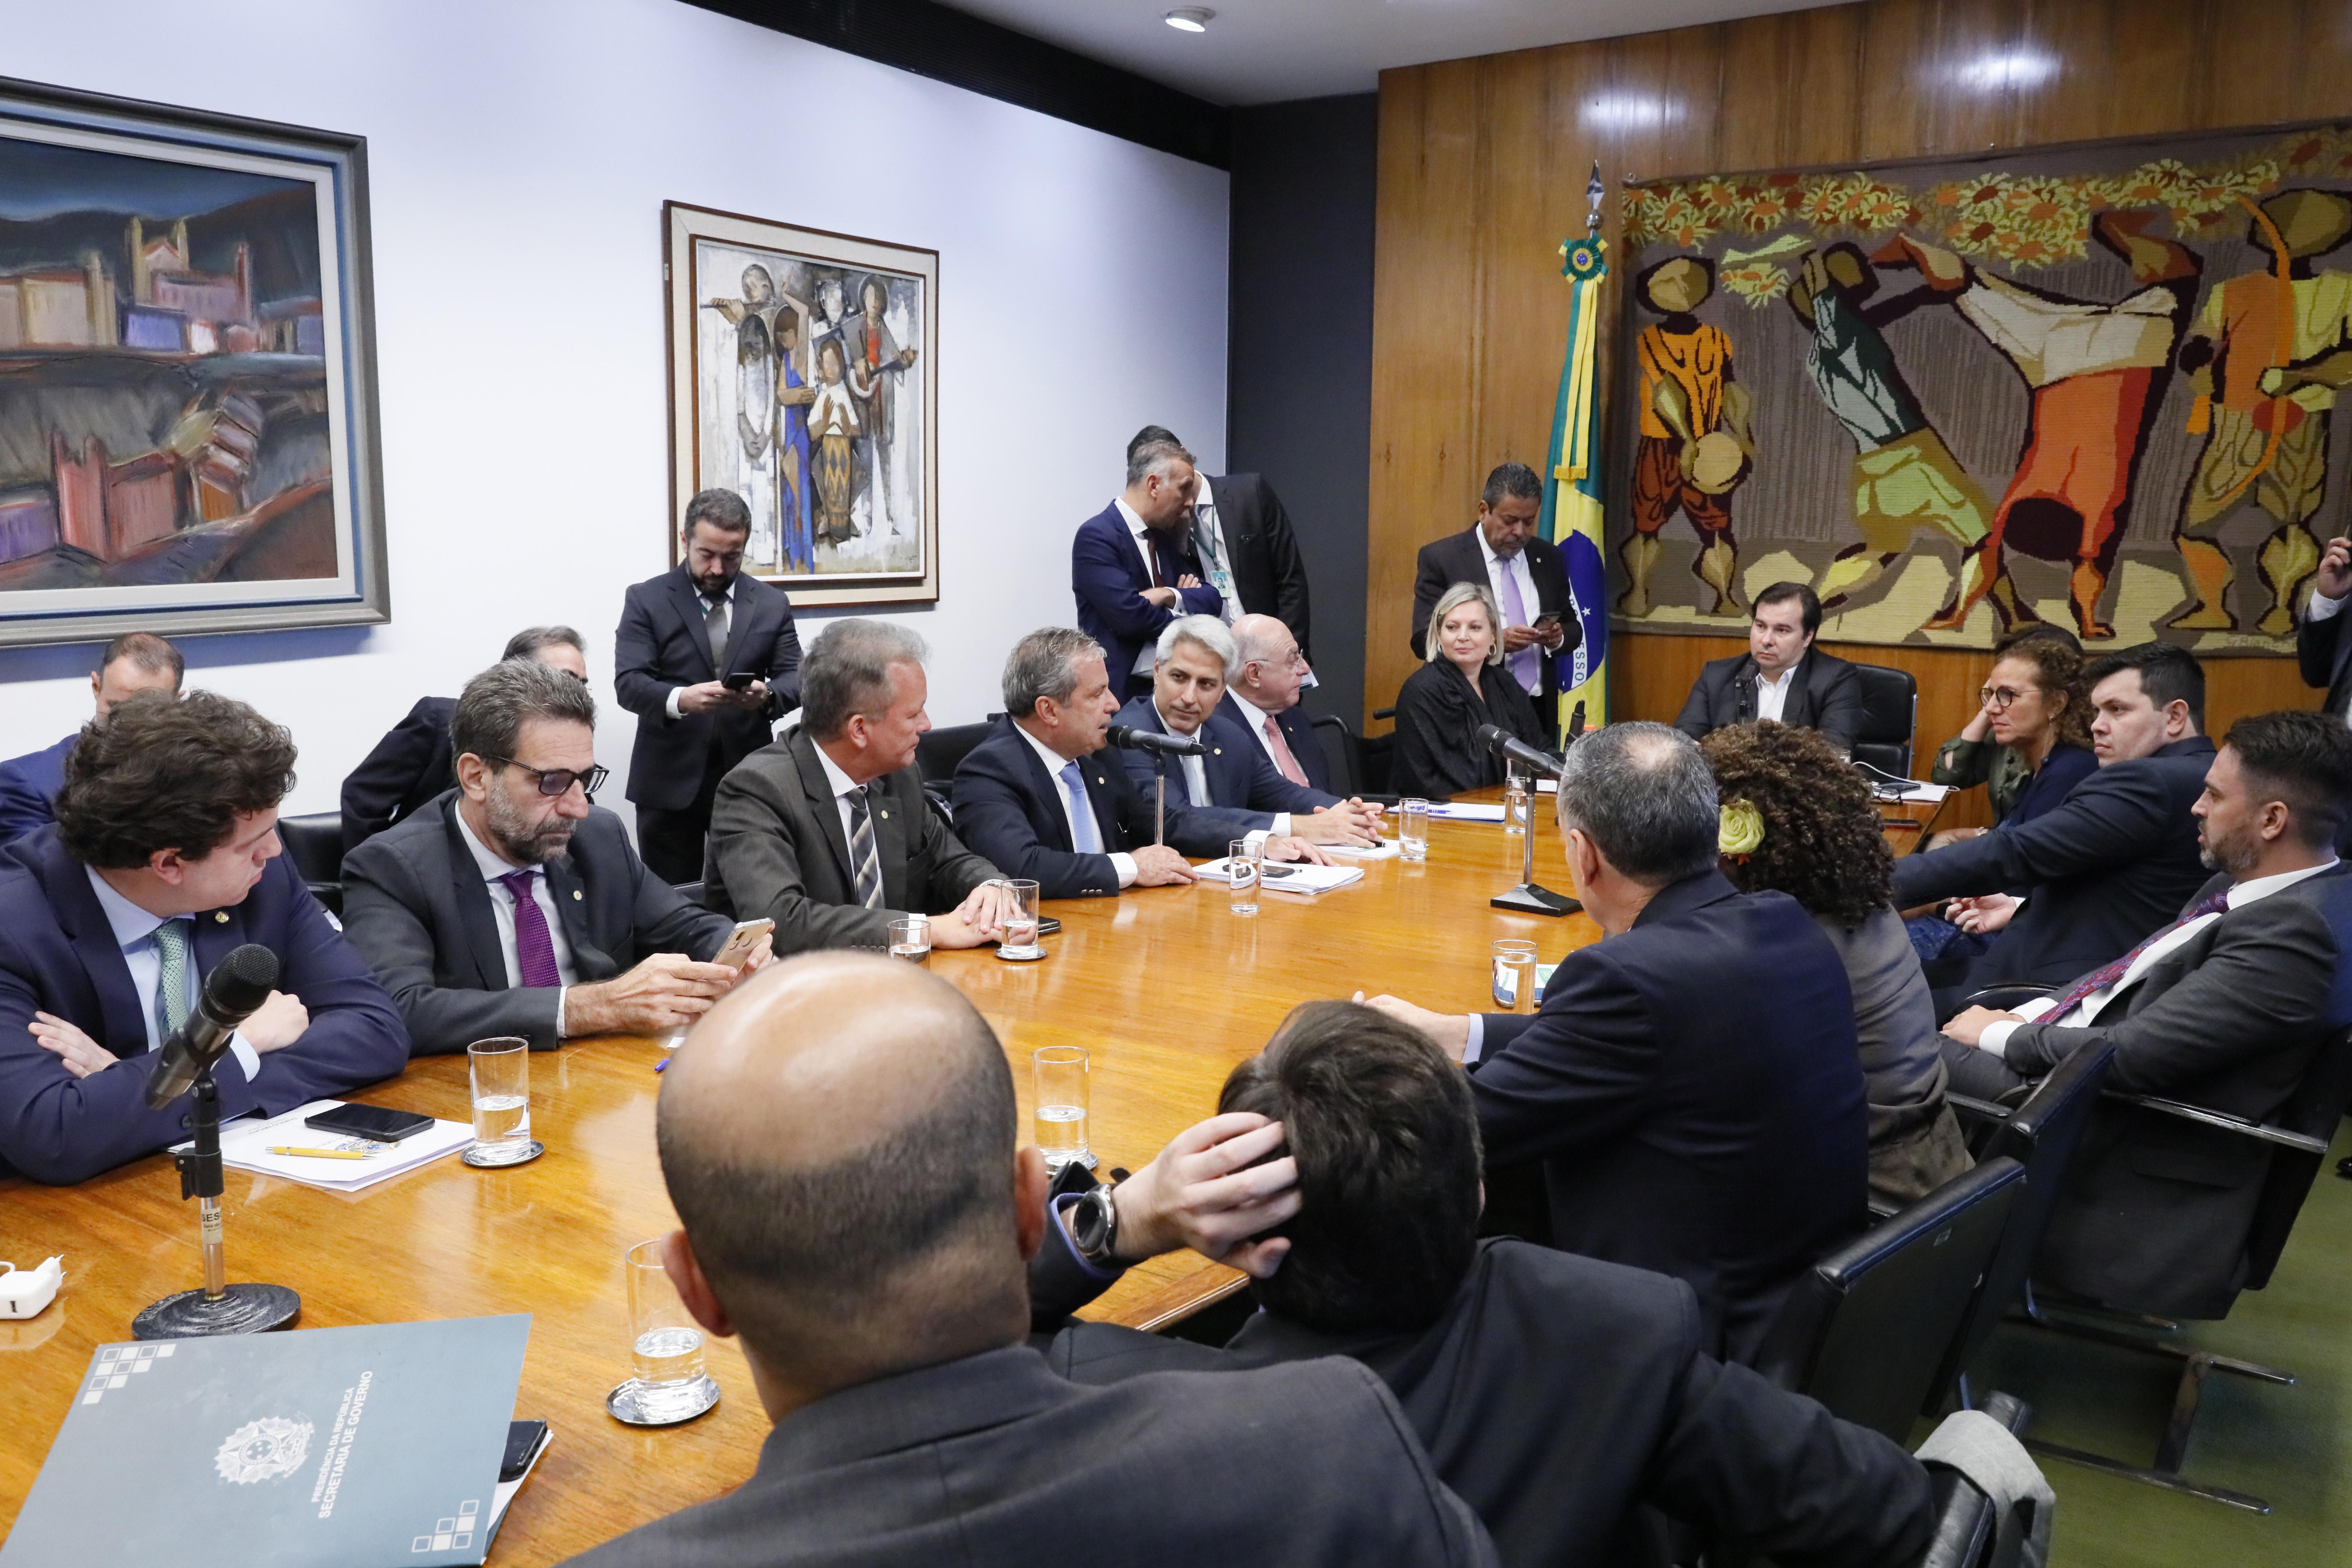 Reunião de líderes de partidos na Câmara dos Deputados em 11/03/2020. Foto: Luís Macedo/Câmara dos Deputados.